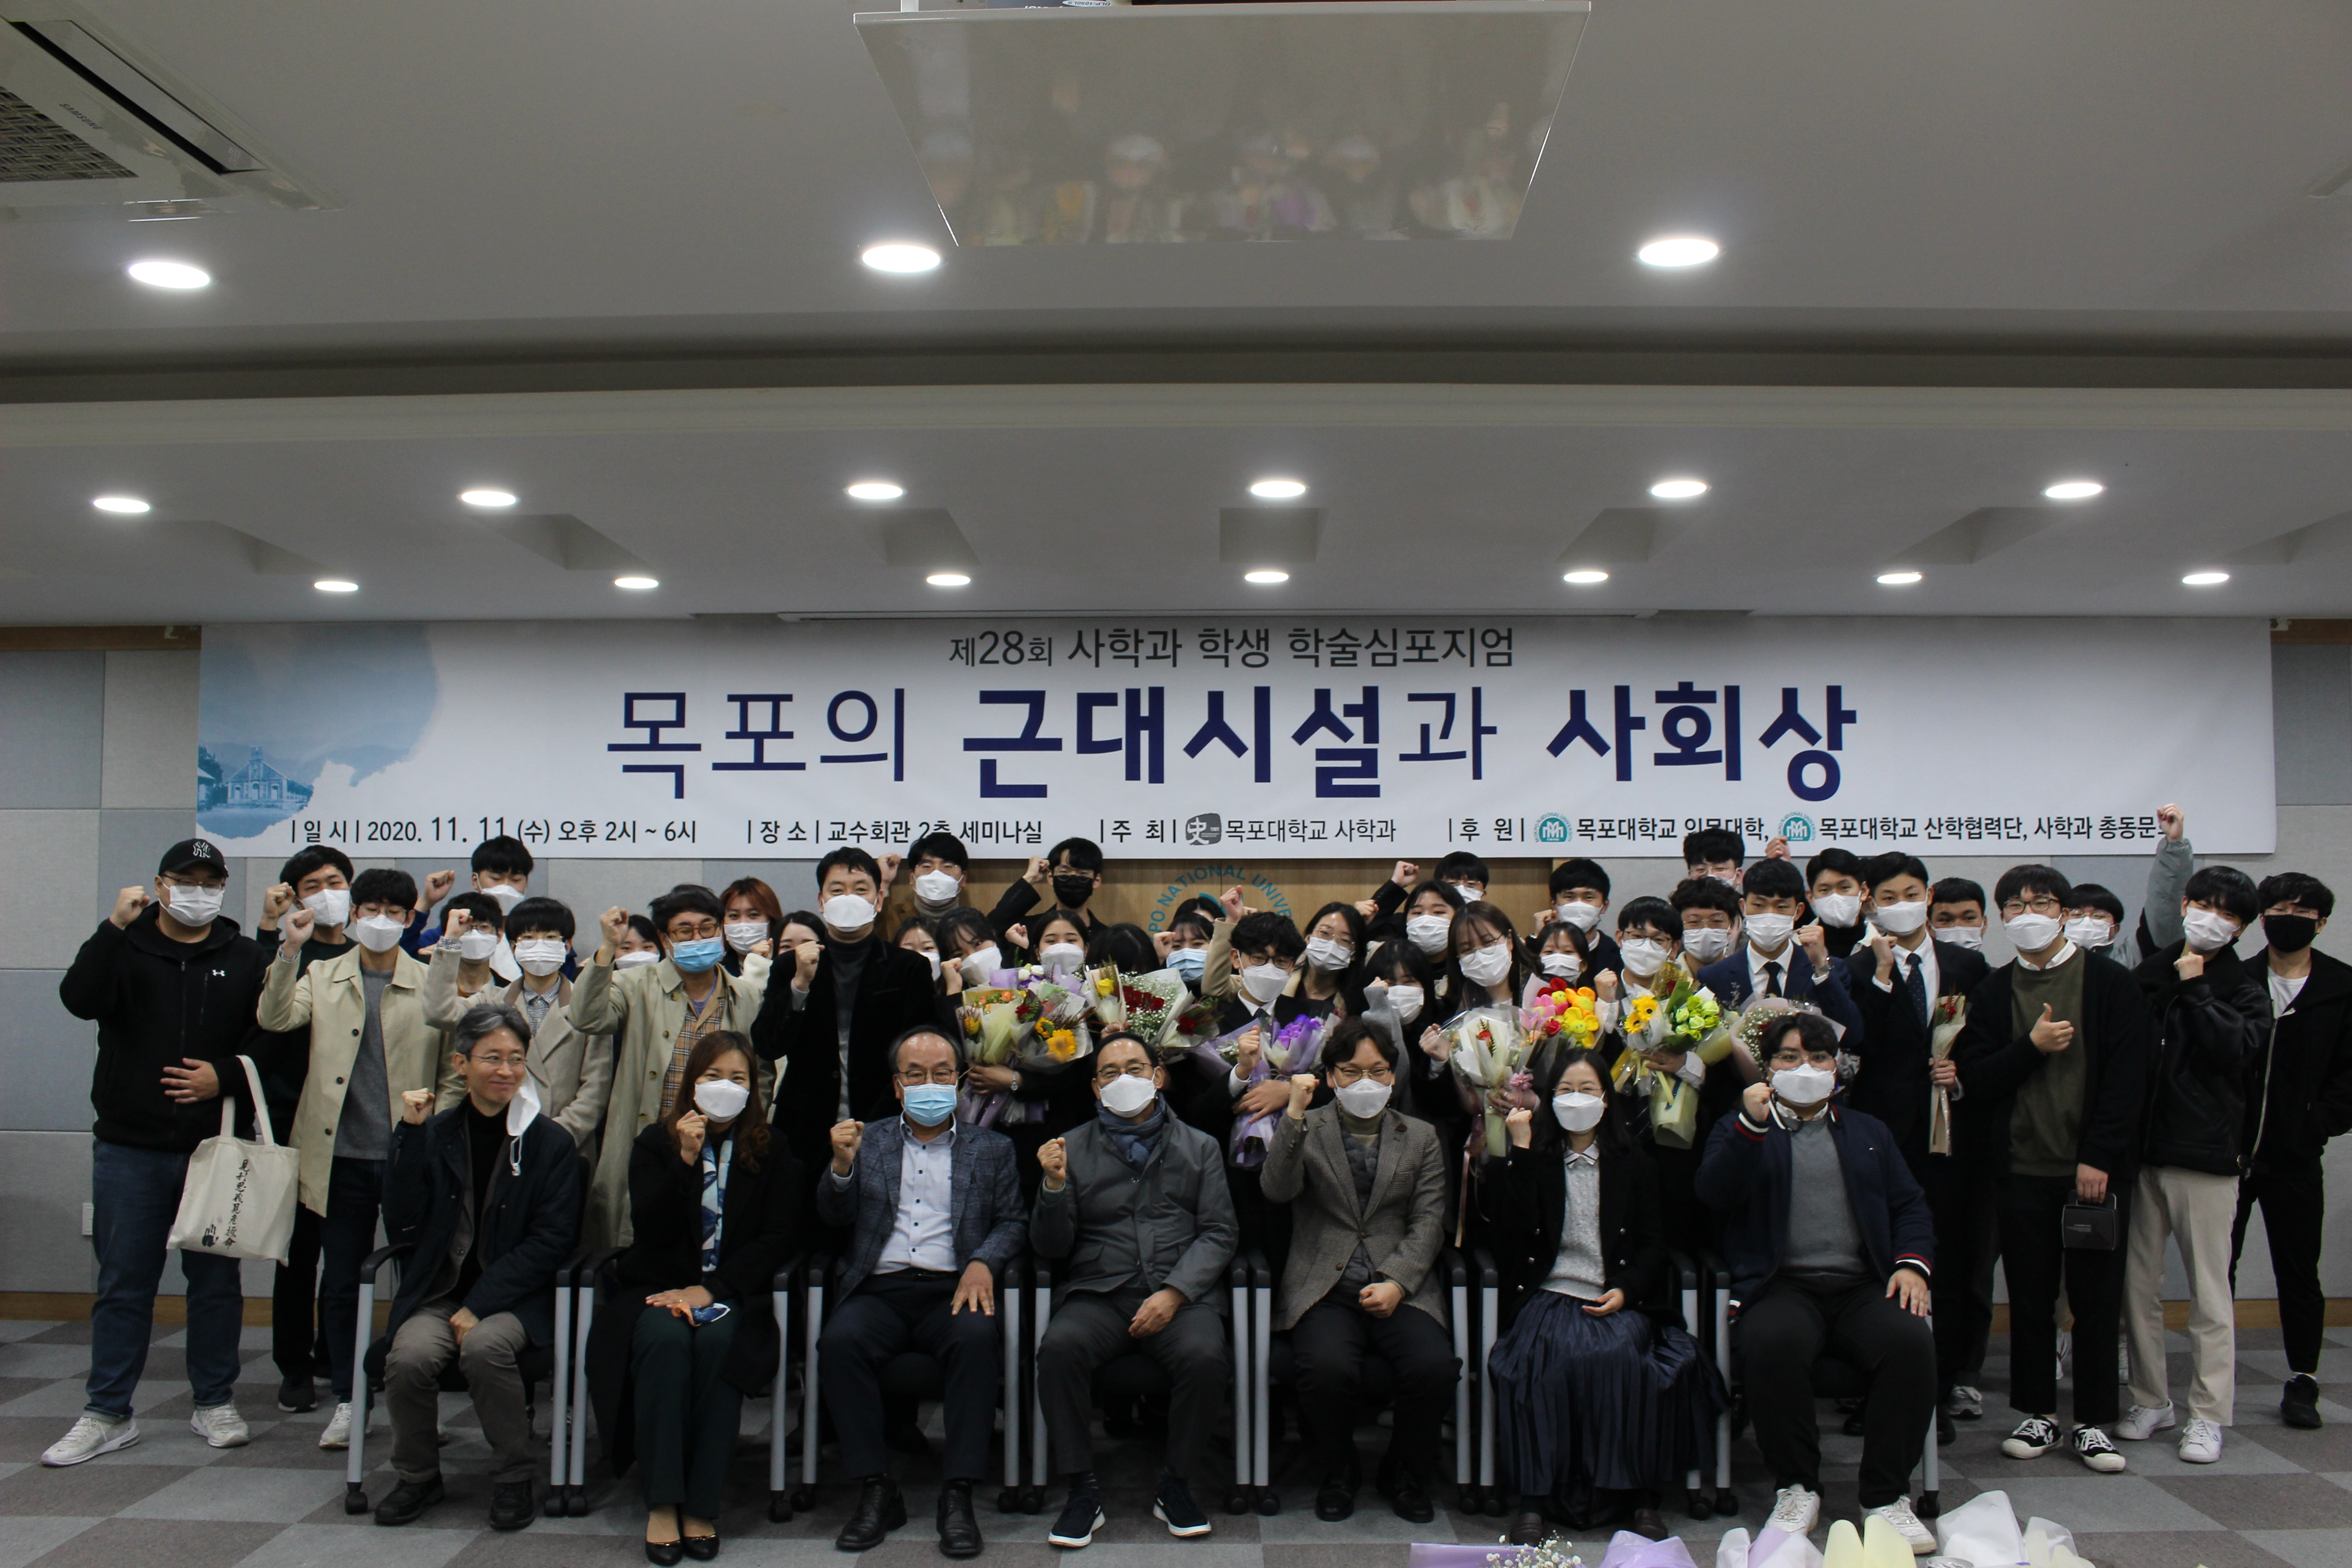 제28회 사학과 학생 학술심포지엄 단체사진